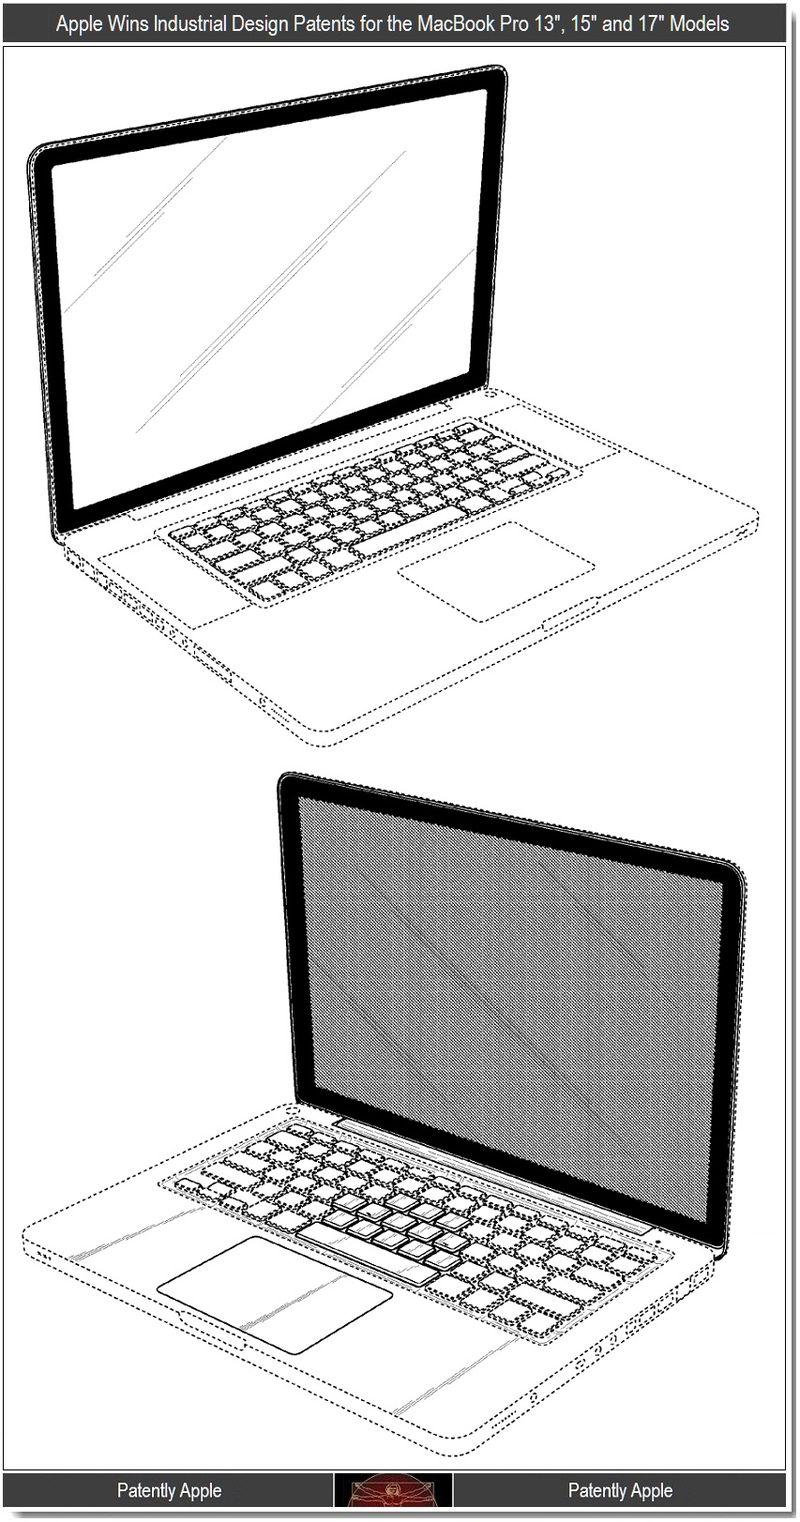 2 - Apple MacBook Pros 13, 15, 17 Design Patent Wins